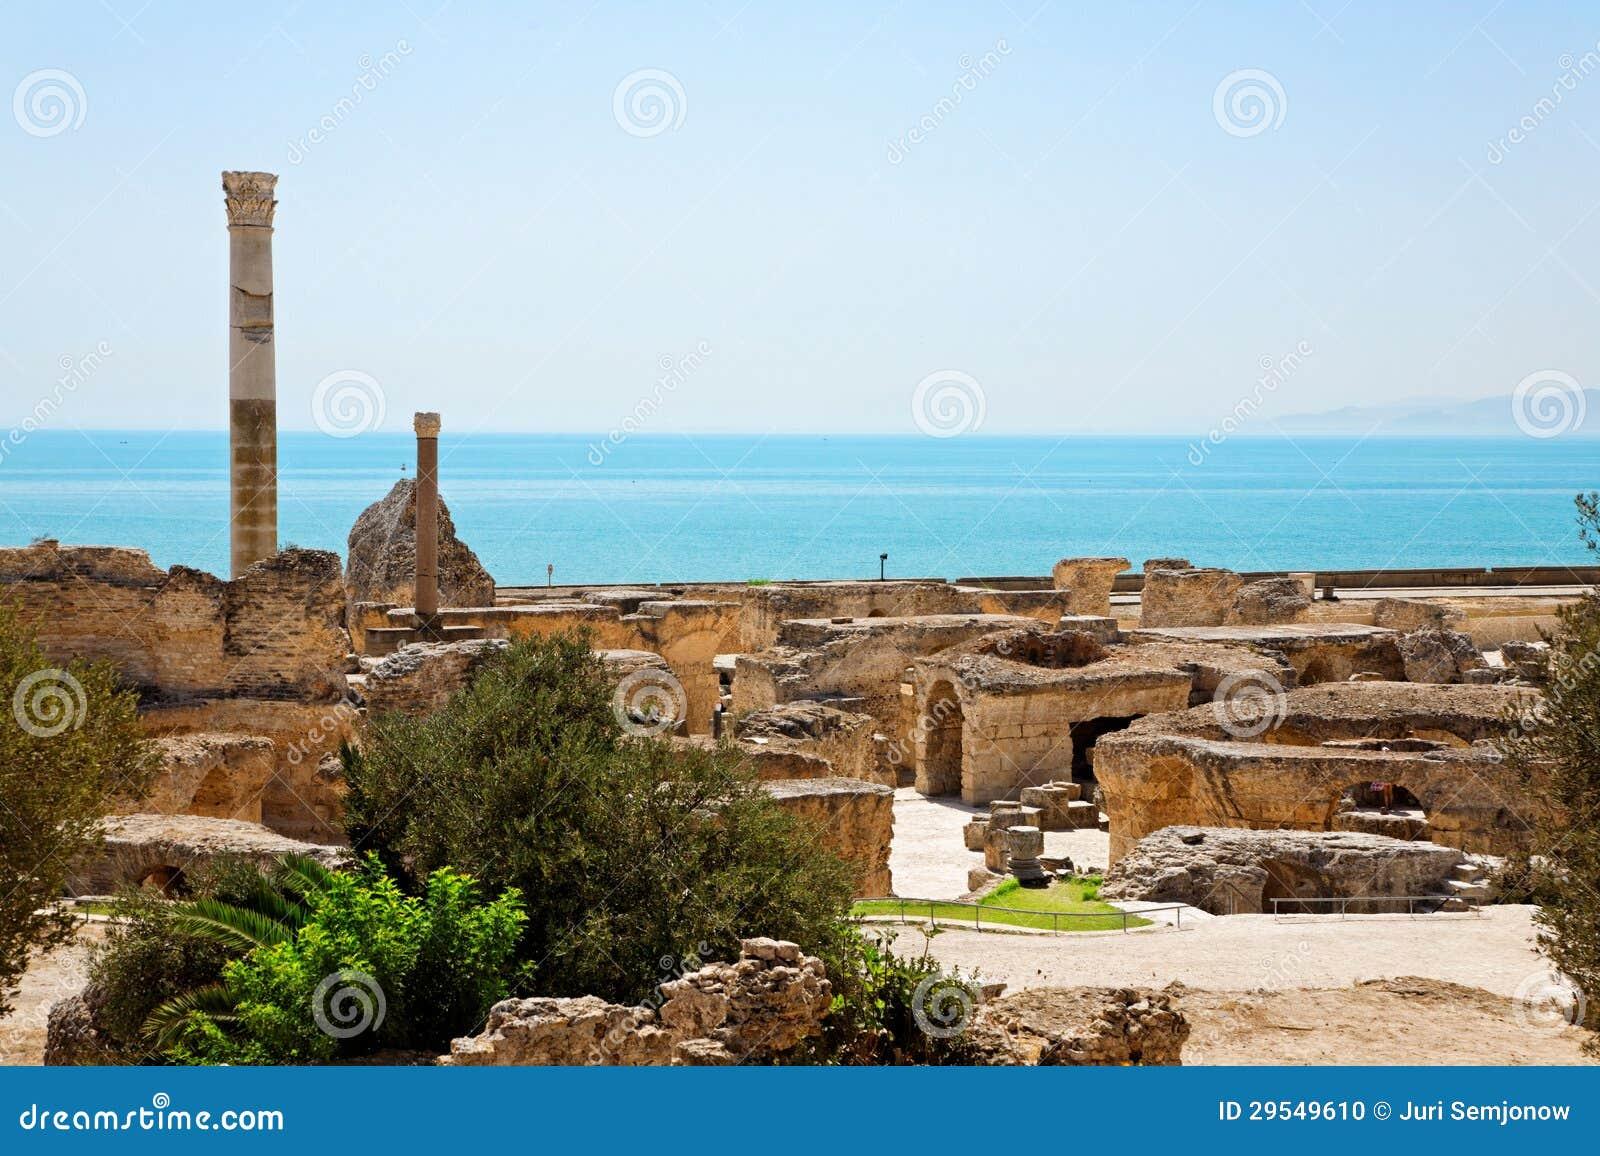 Ruinas de los ba os antiguos de antonine en cartago foto - Banos antiguos fotos ...